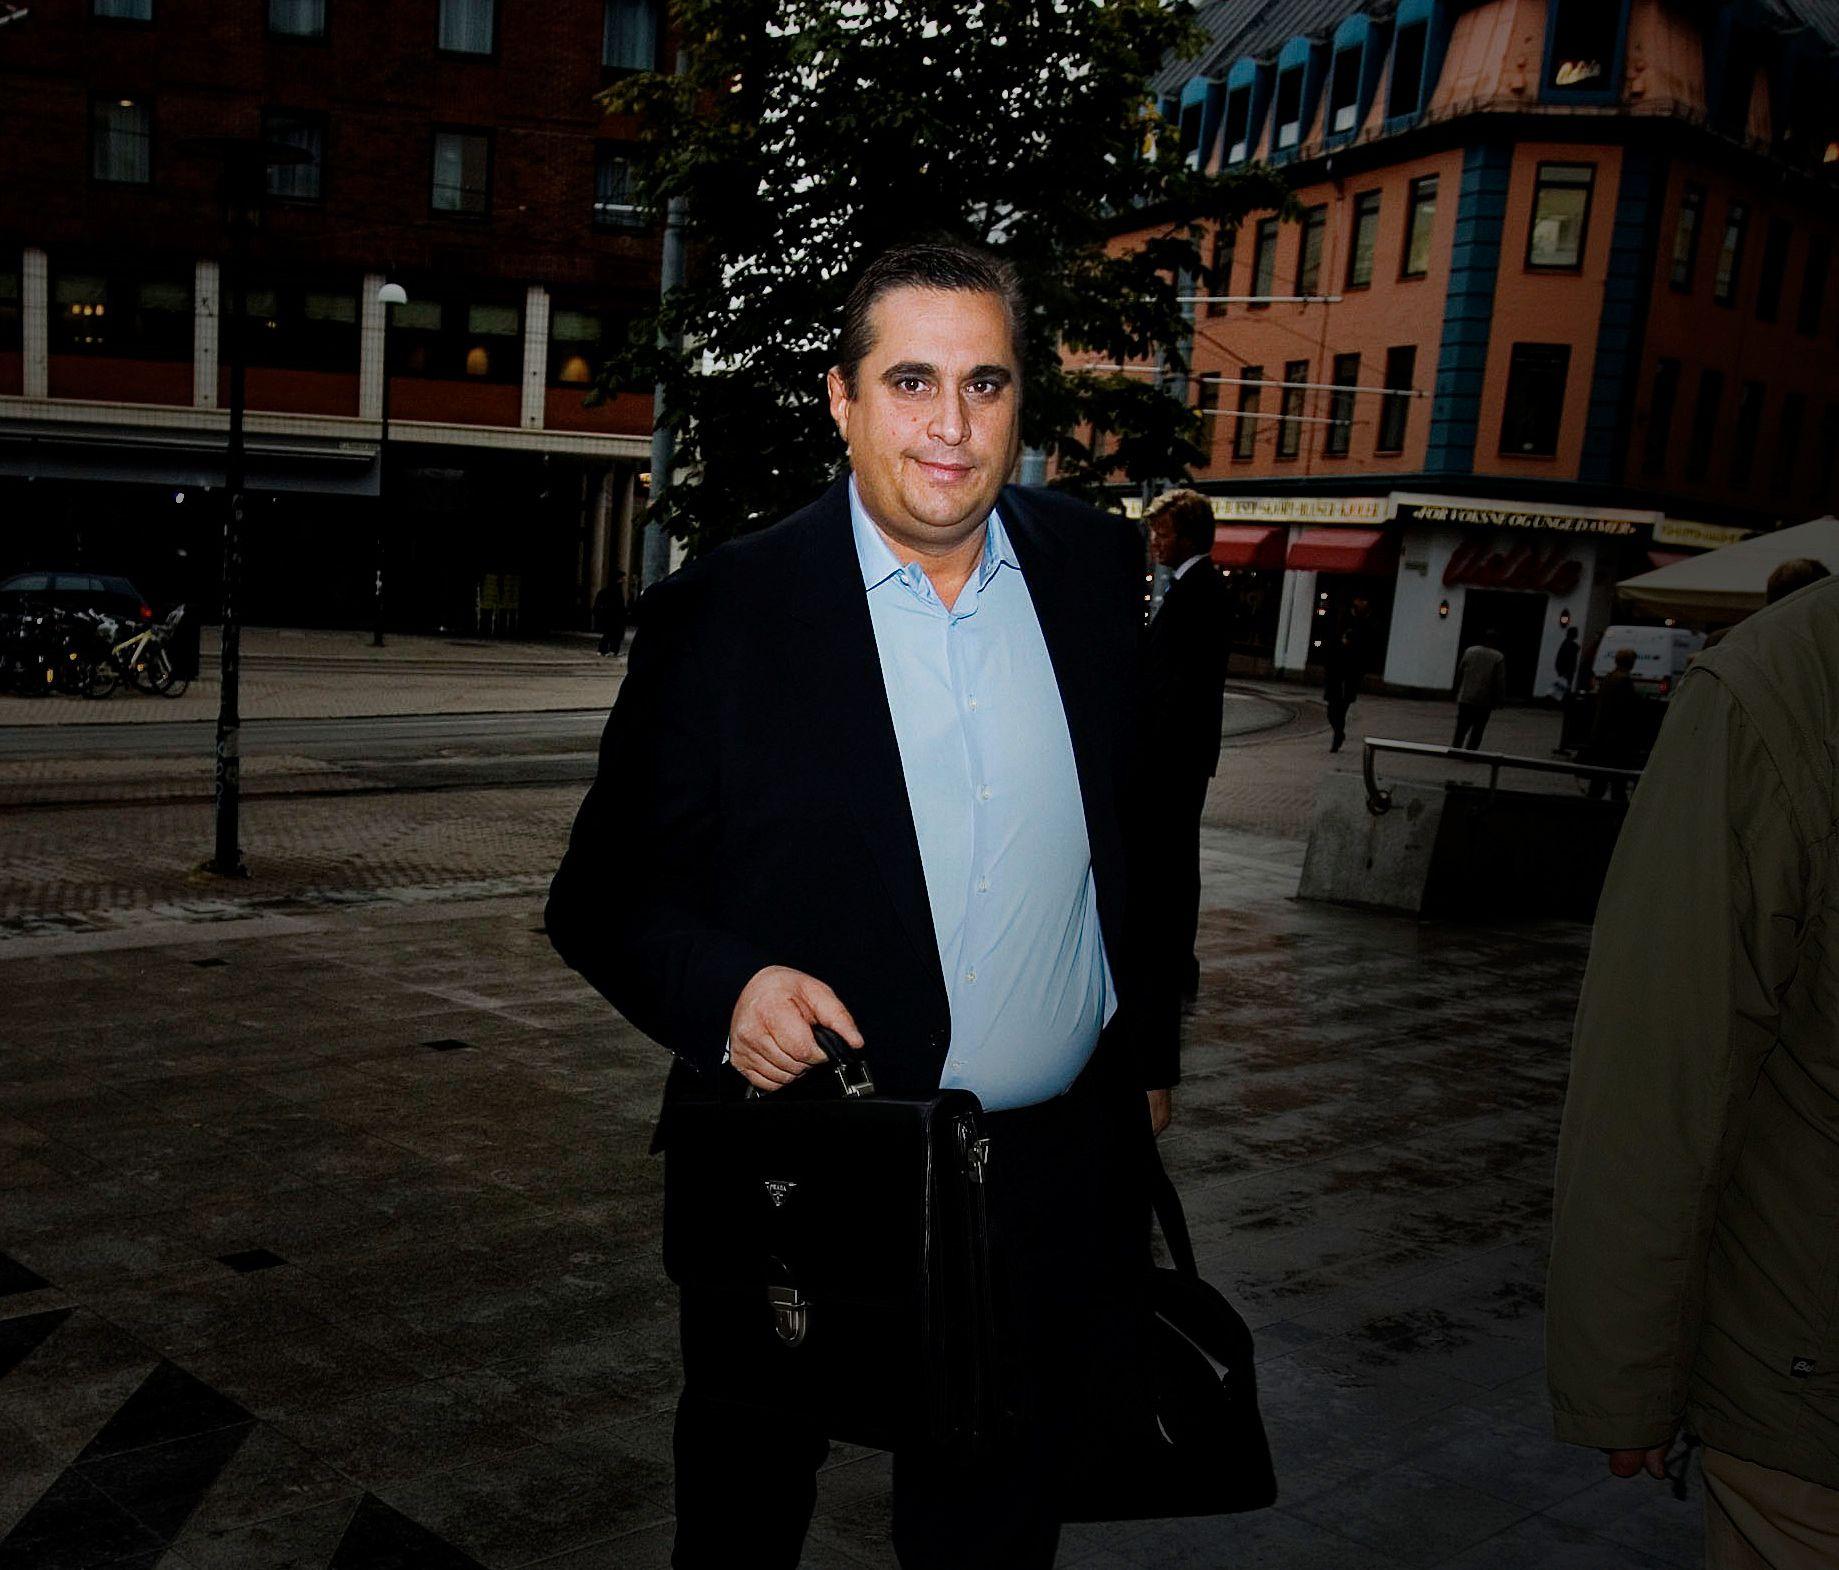 TILTALT: Finansakrobaten Christer Tromsdal (50) nekter straffskyld for å ha hyret inn torpedoer for å skade en meddommer i en straffesak mot seg selv i 2012.